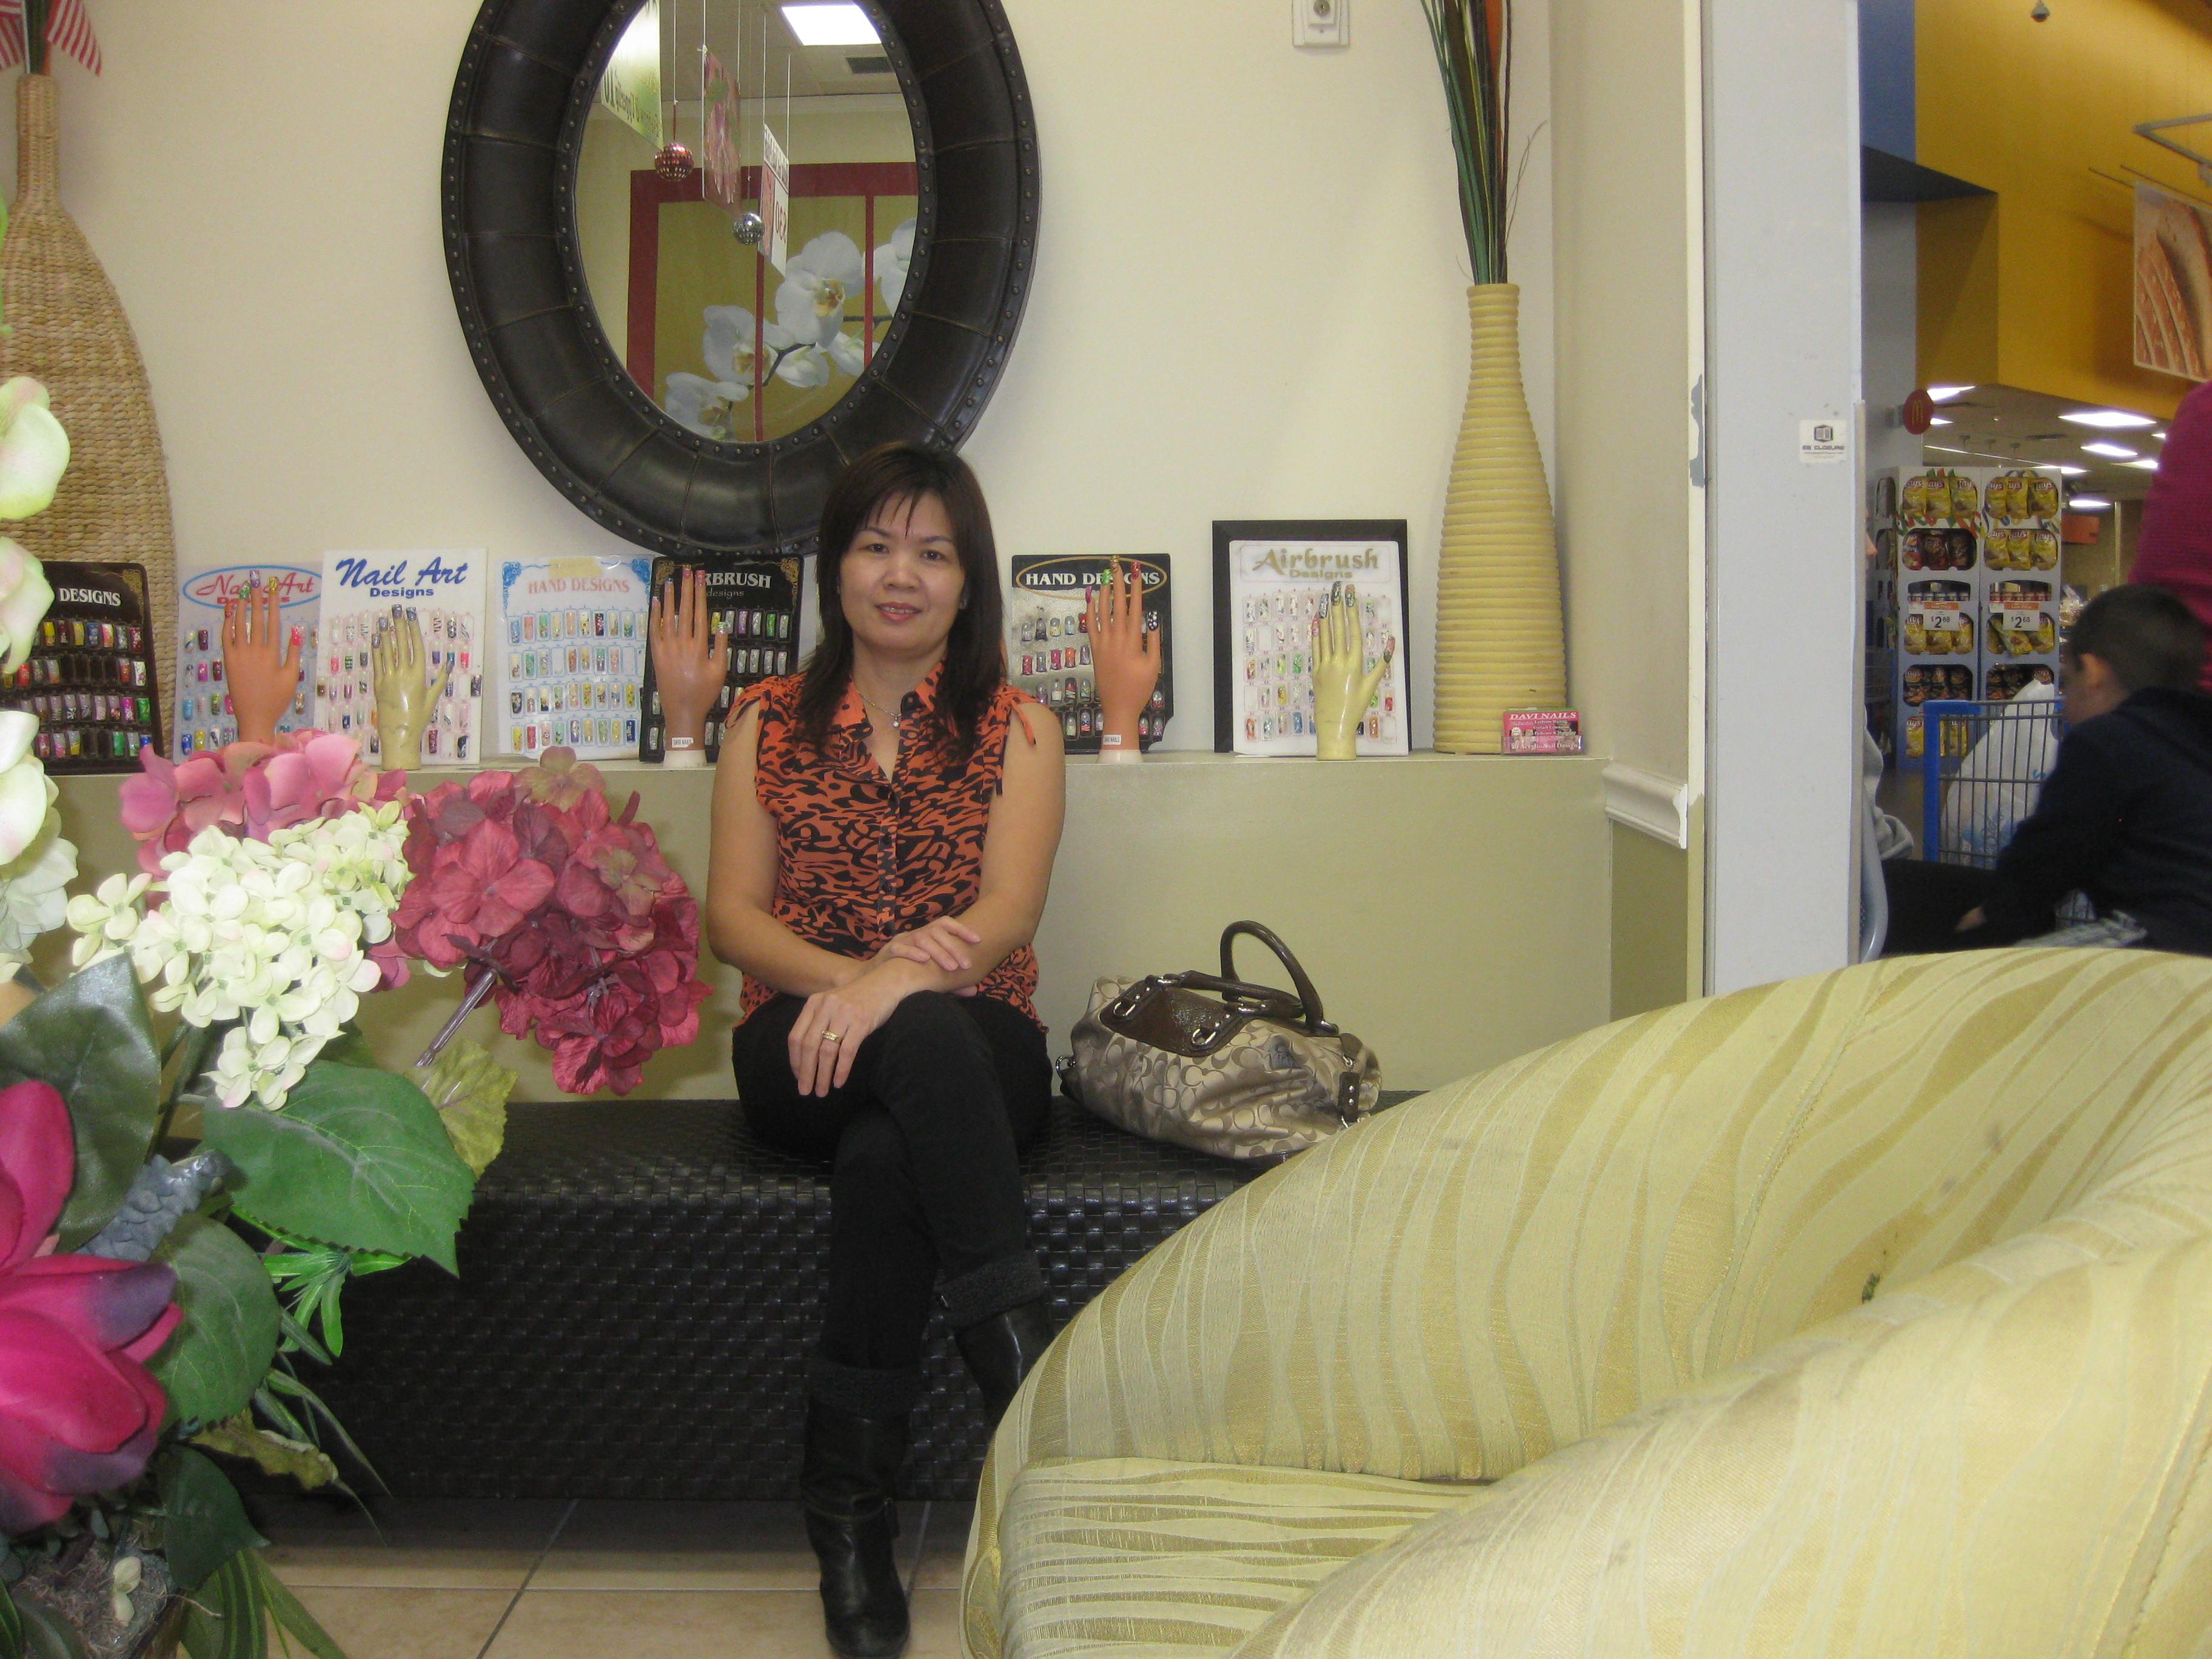 Da Vi Nails 5075 Gosford Rd, Bakersfield, CA 93313 - YP.com